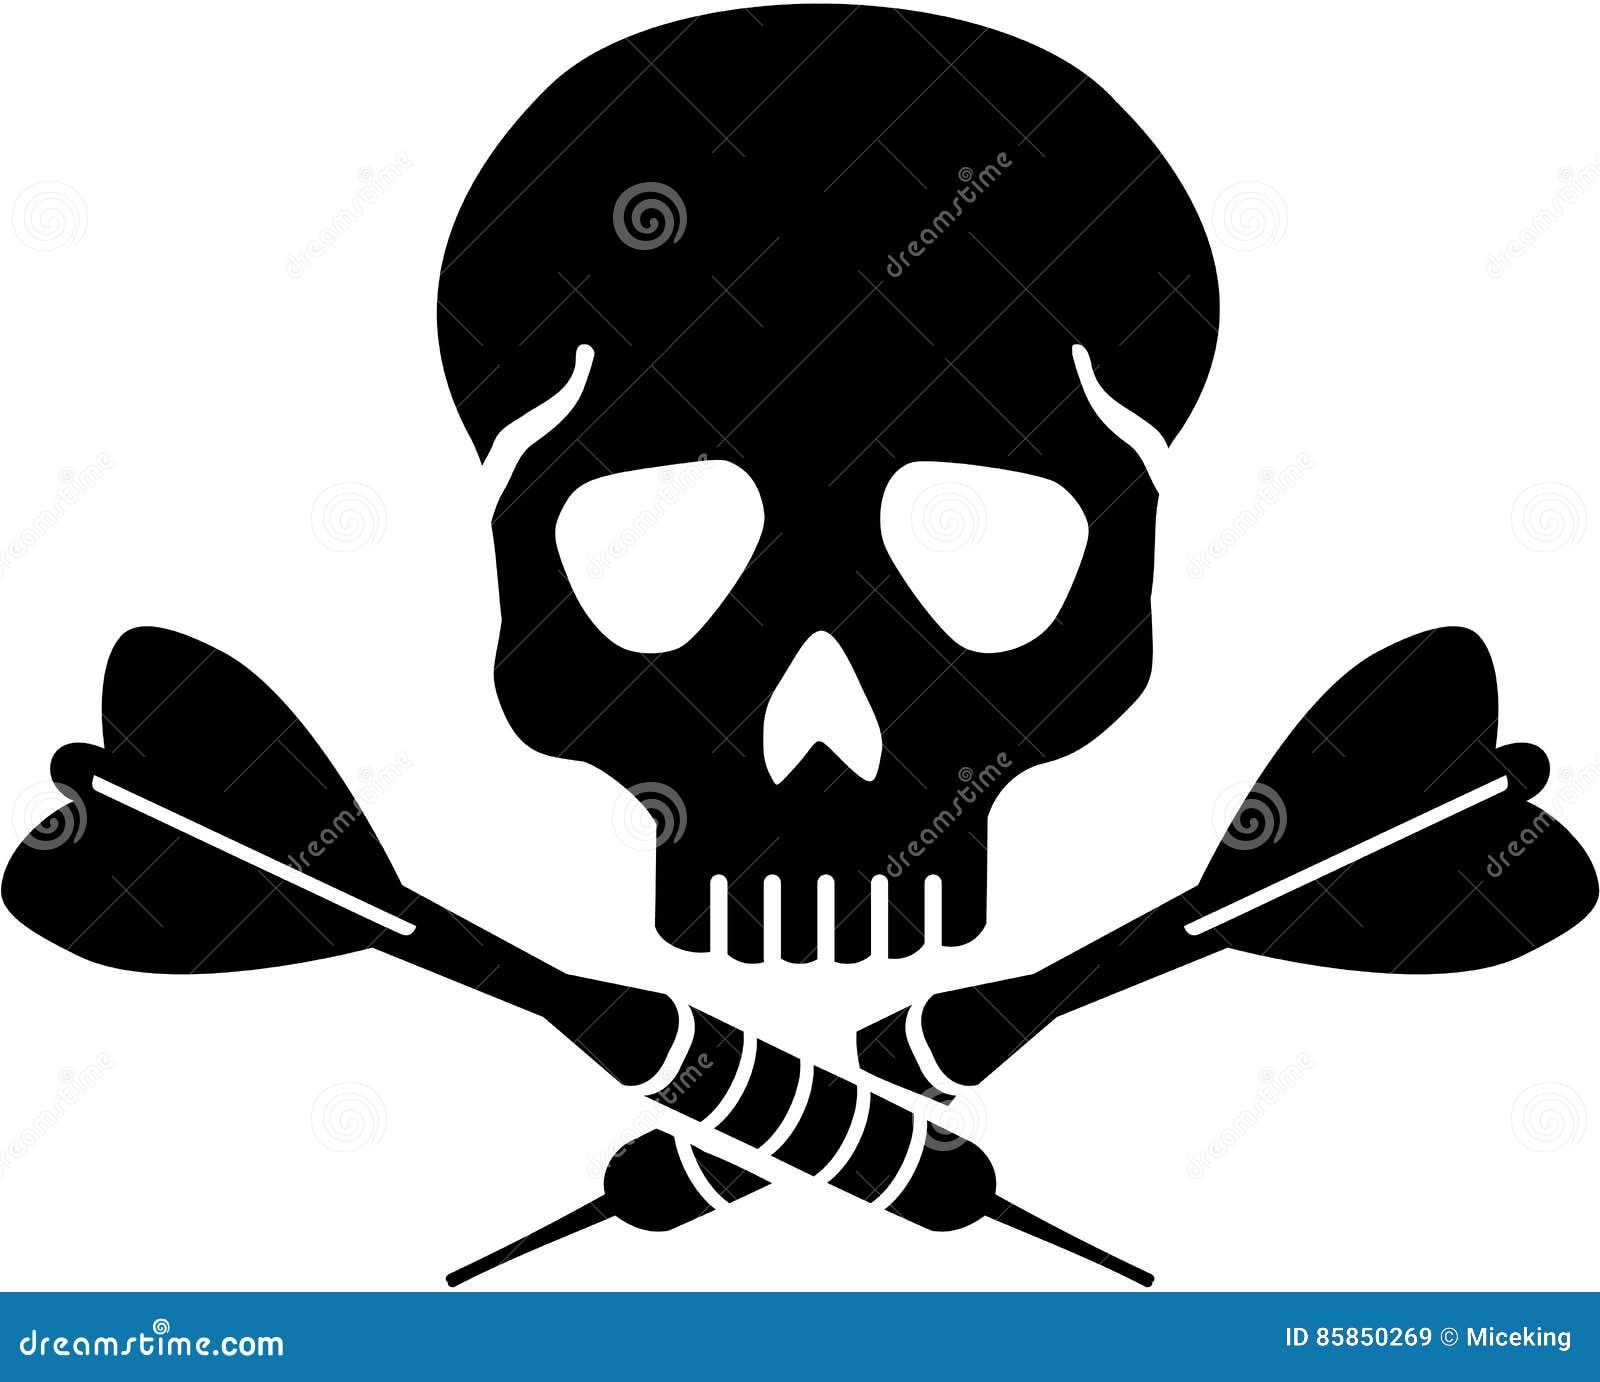 Cráneo con las flechas cruzadas de los dardos